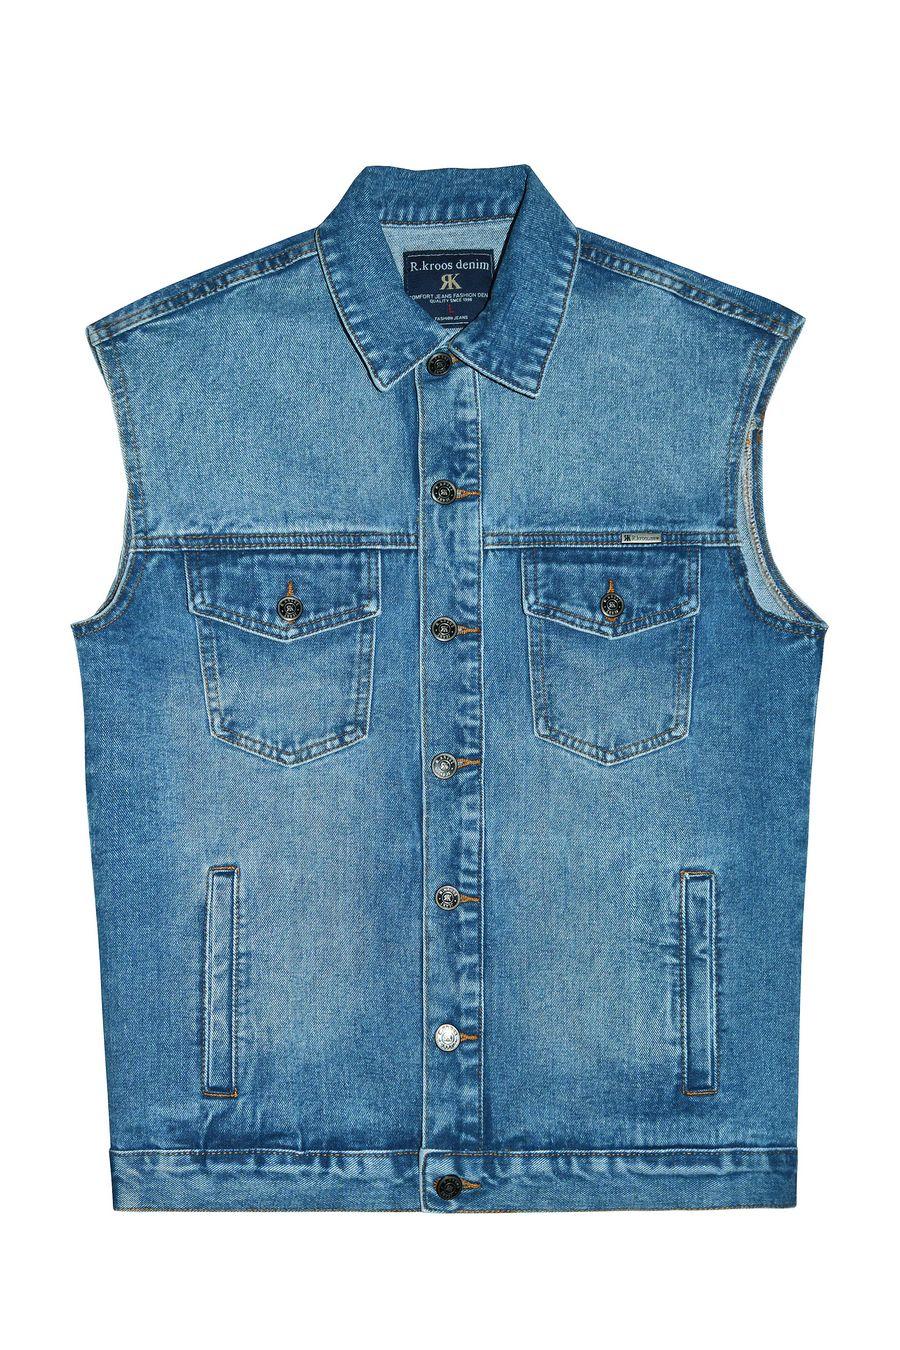 Жилет мужской (джинсовка) R.KROOS 1023 - фото 1